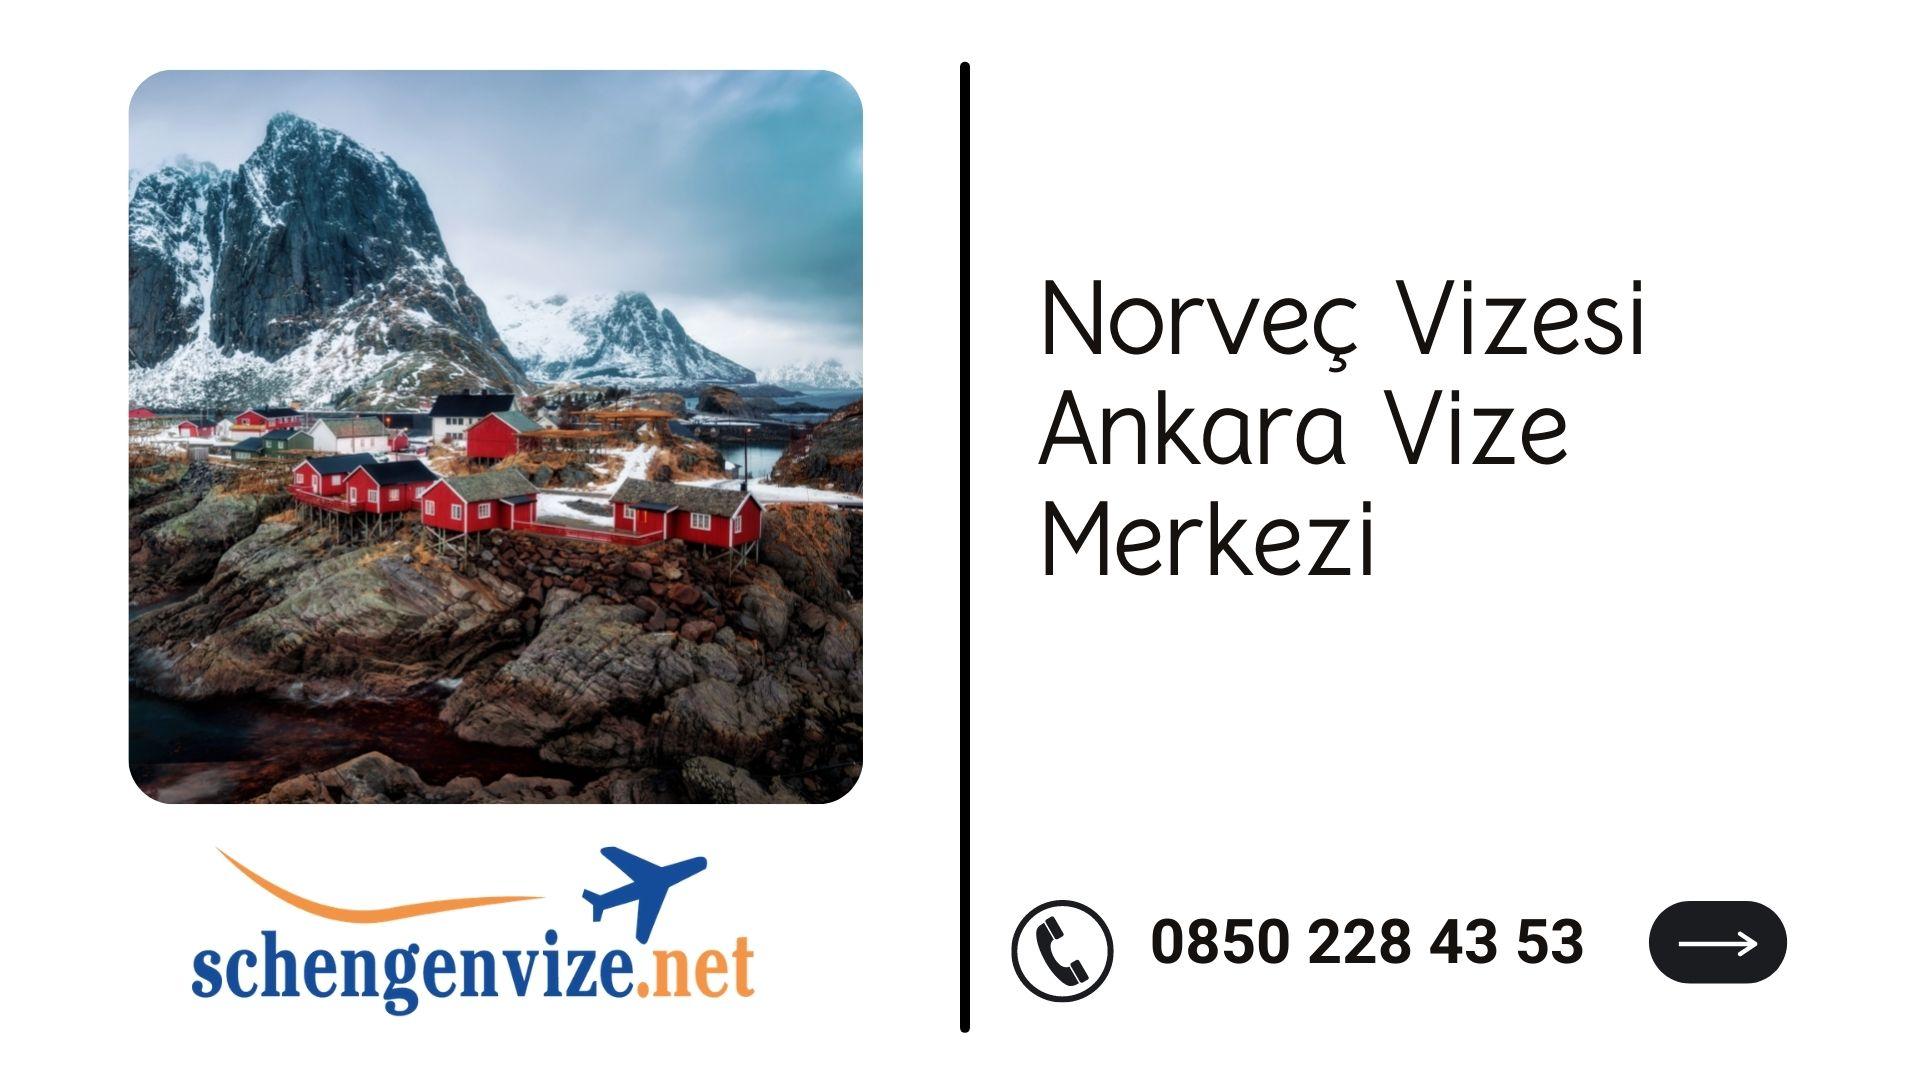 Norveç Vizesi Ankara Vize Merkezi